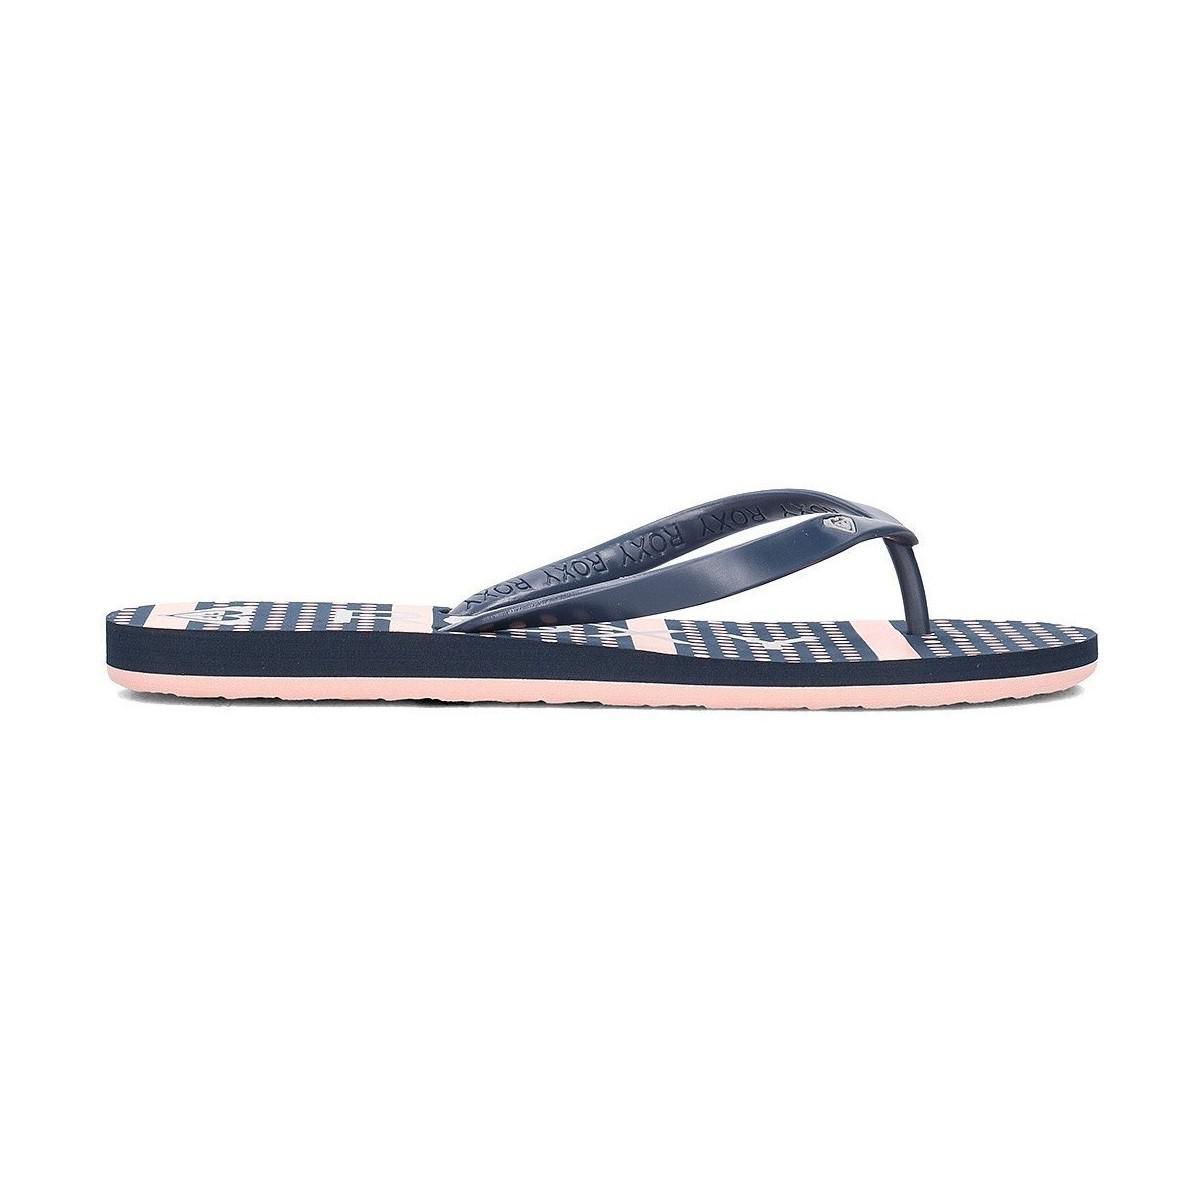 7786b68409d20 Roxy Arjl100669 Women s Flip Flops   Sandals (shoes) In Black in ...